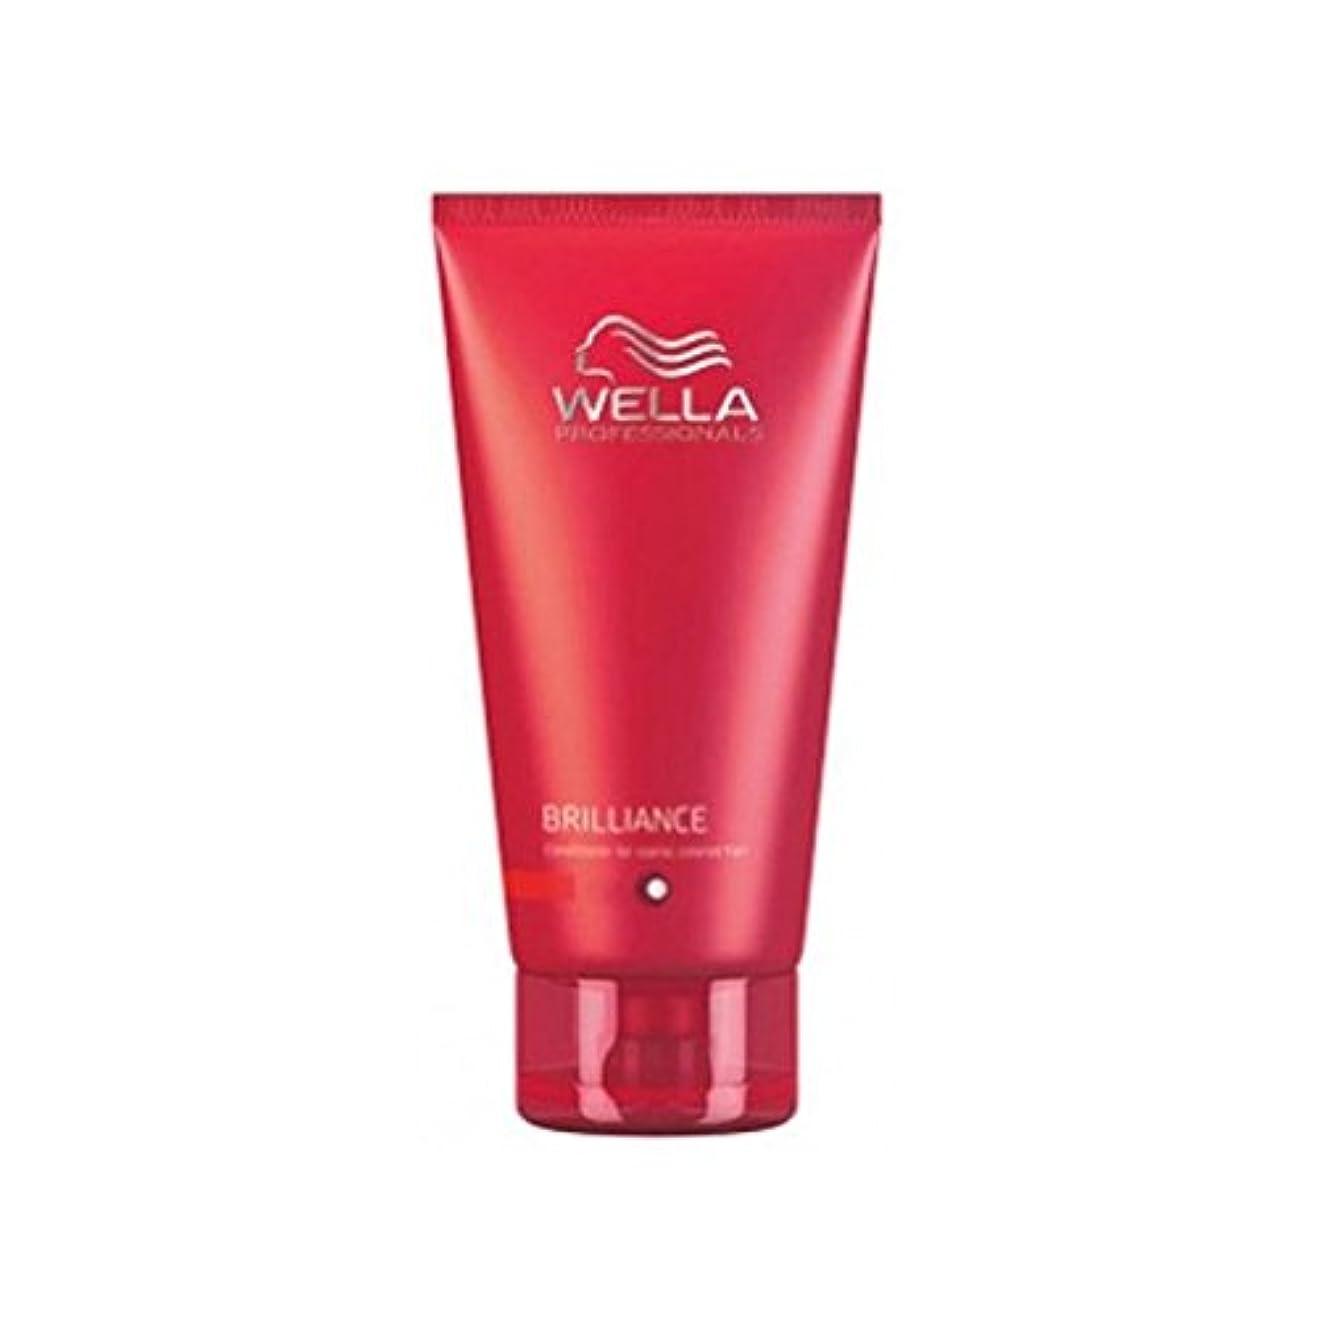 答え自動化傷跡Wella Professionals Brilliance Conditioner For Fine To Normal, Coloured Hair (200ml) - ウェラの専門家が通常に細かいためのコンディショナー...